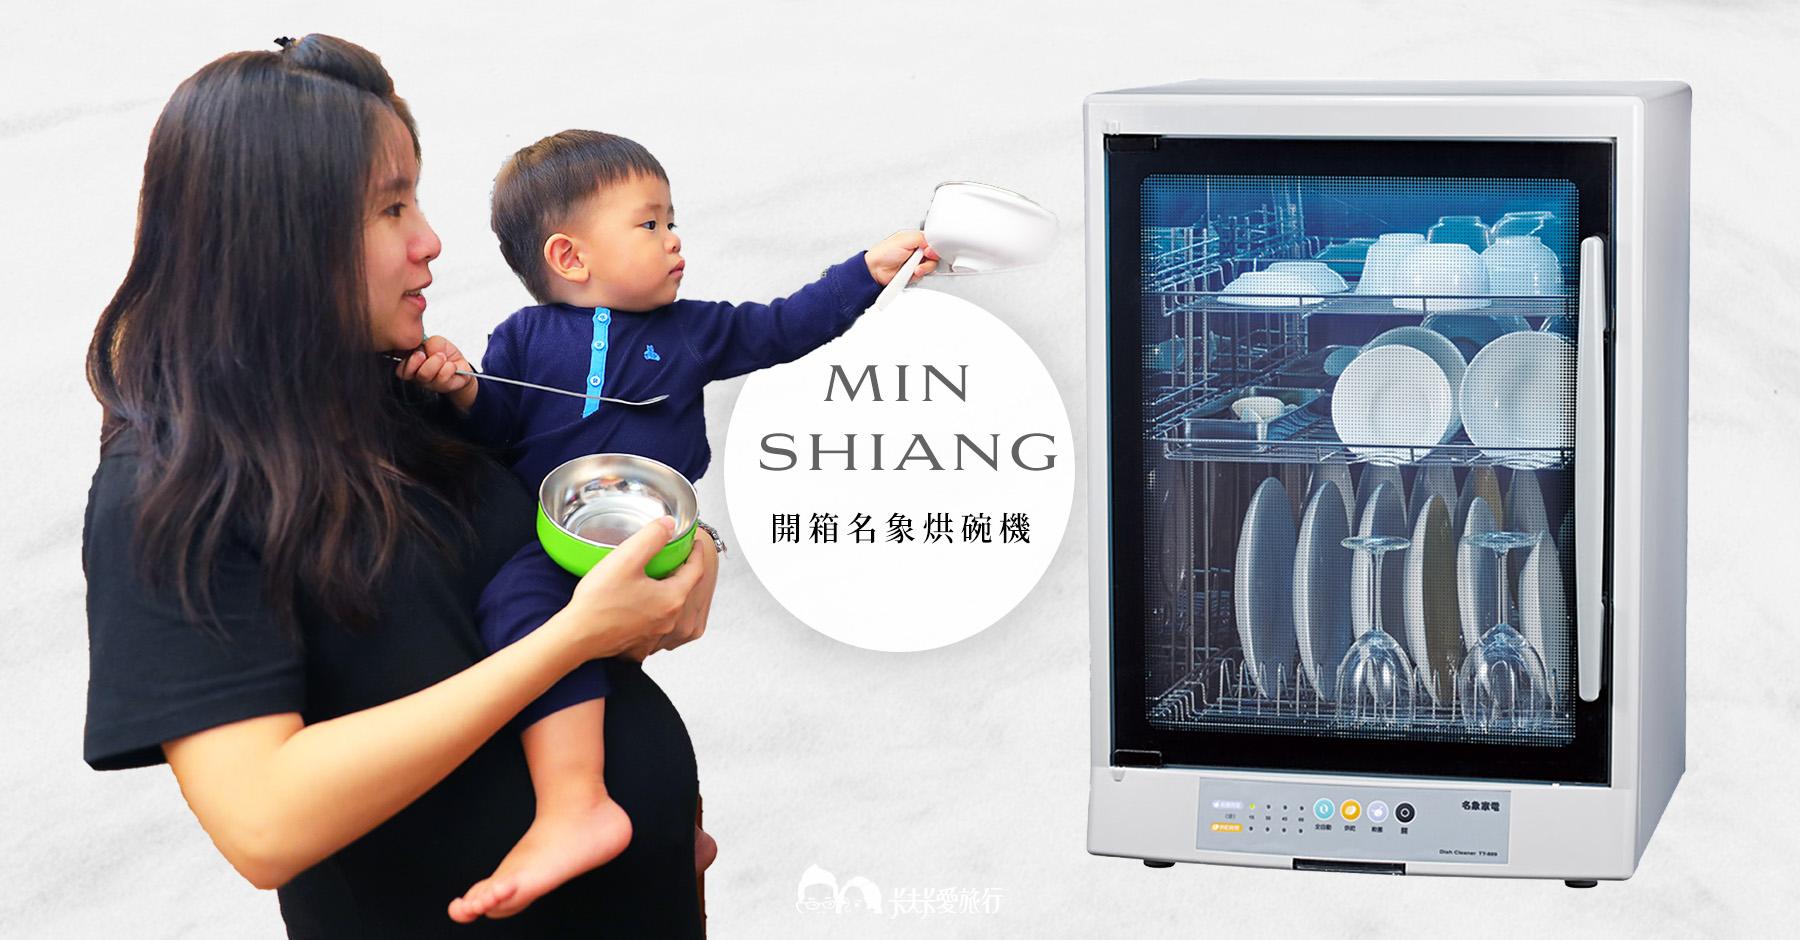 烘碗機推薦使用心得|名象三層紫外線殺菌烘碗機 TT-889|台灣製造優點缺點分析